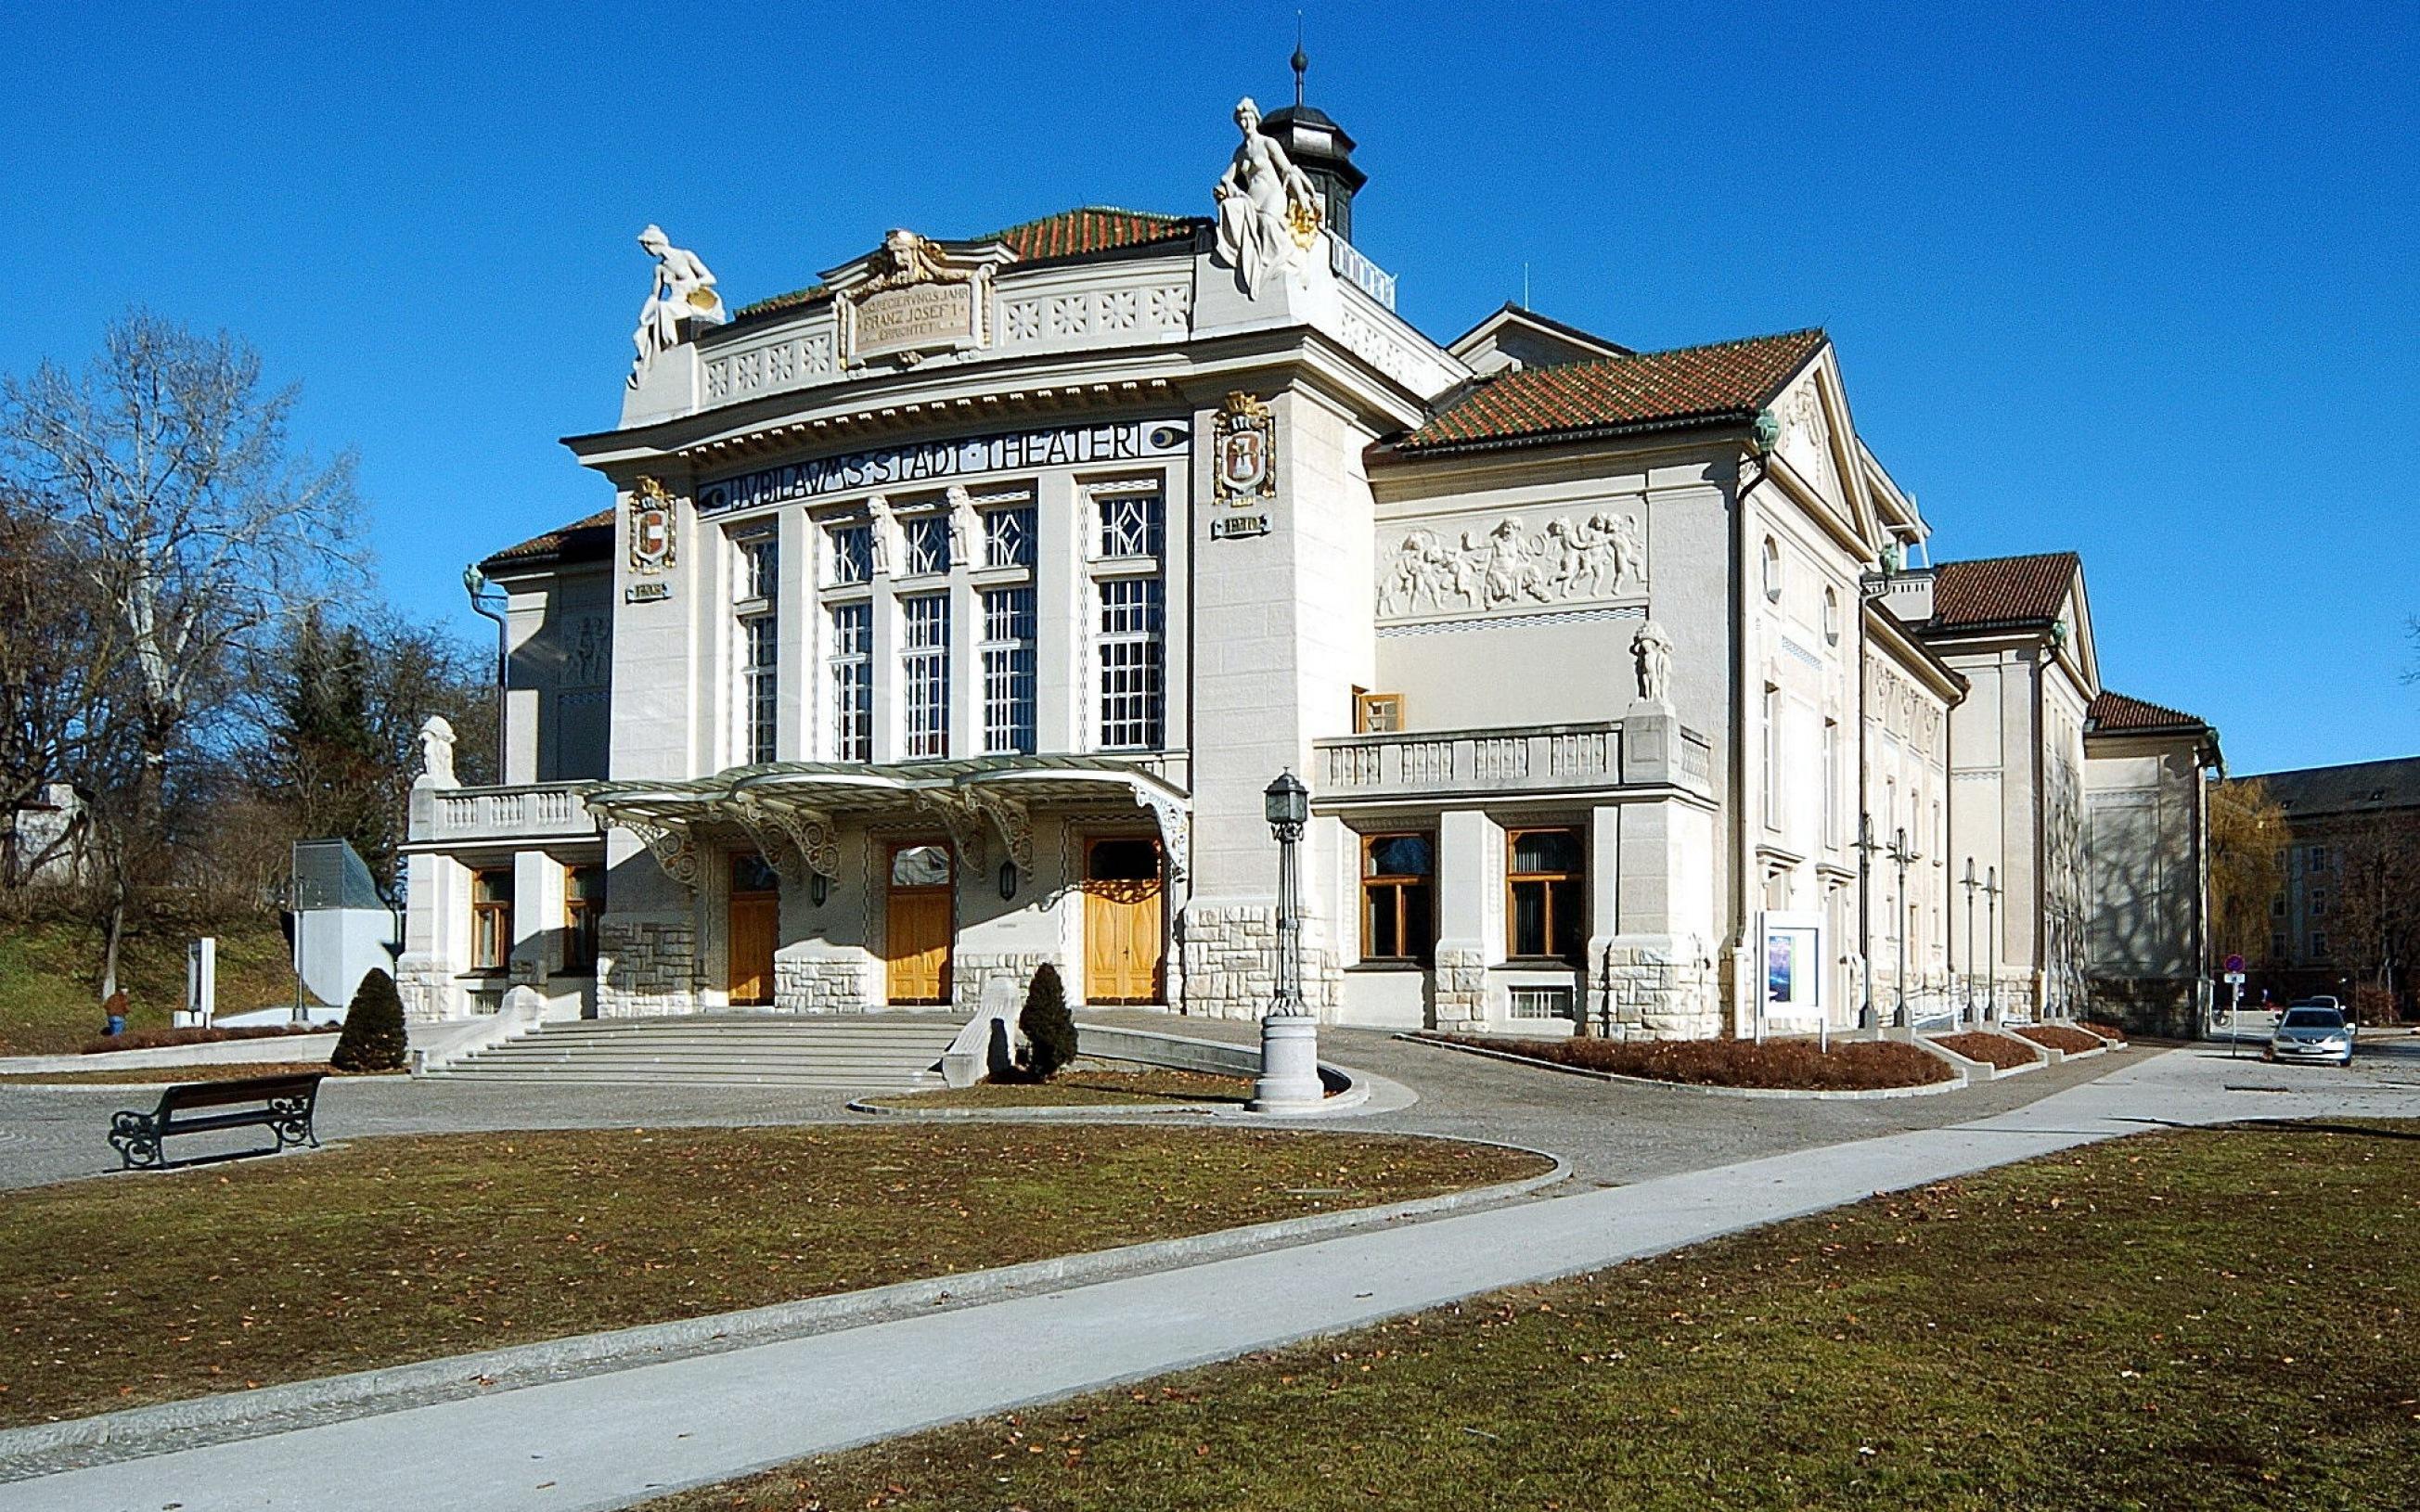 Stadttheater (Architekten: F. Fellner und H. Helmer) am Theaterplatz 4, Innere Stadt von Klagenfurt, Kärnten, Öster